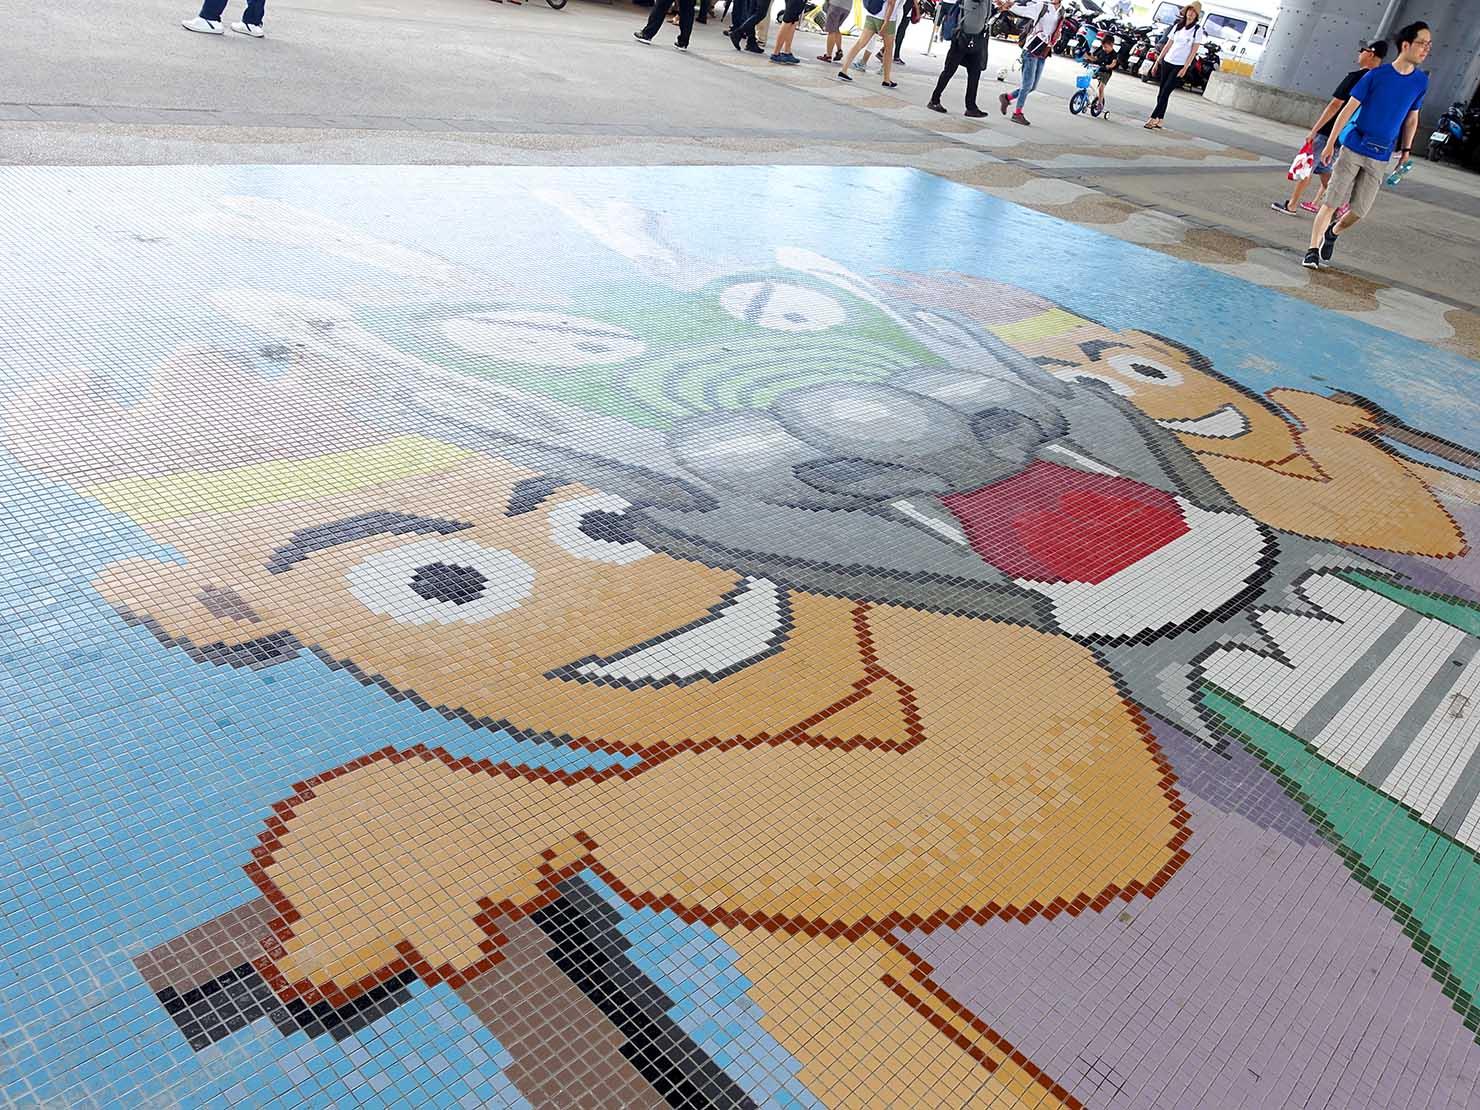 端午節の台北で行われた「龍舟競賽(ドラゴンボートレース)」会場のタイルアート